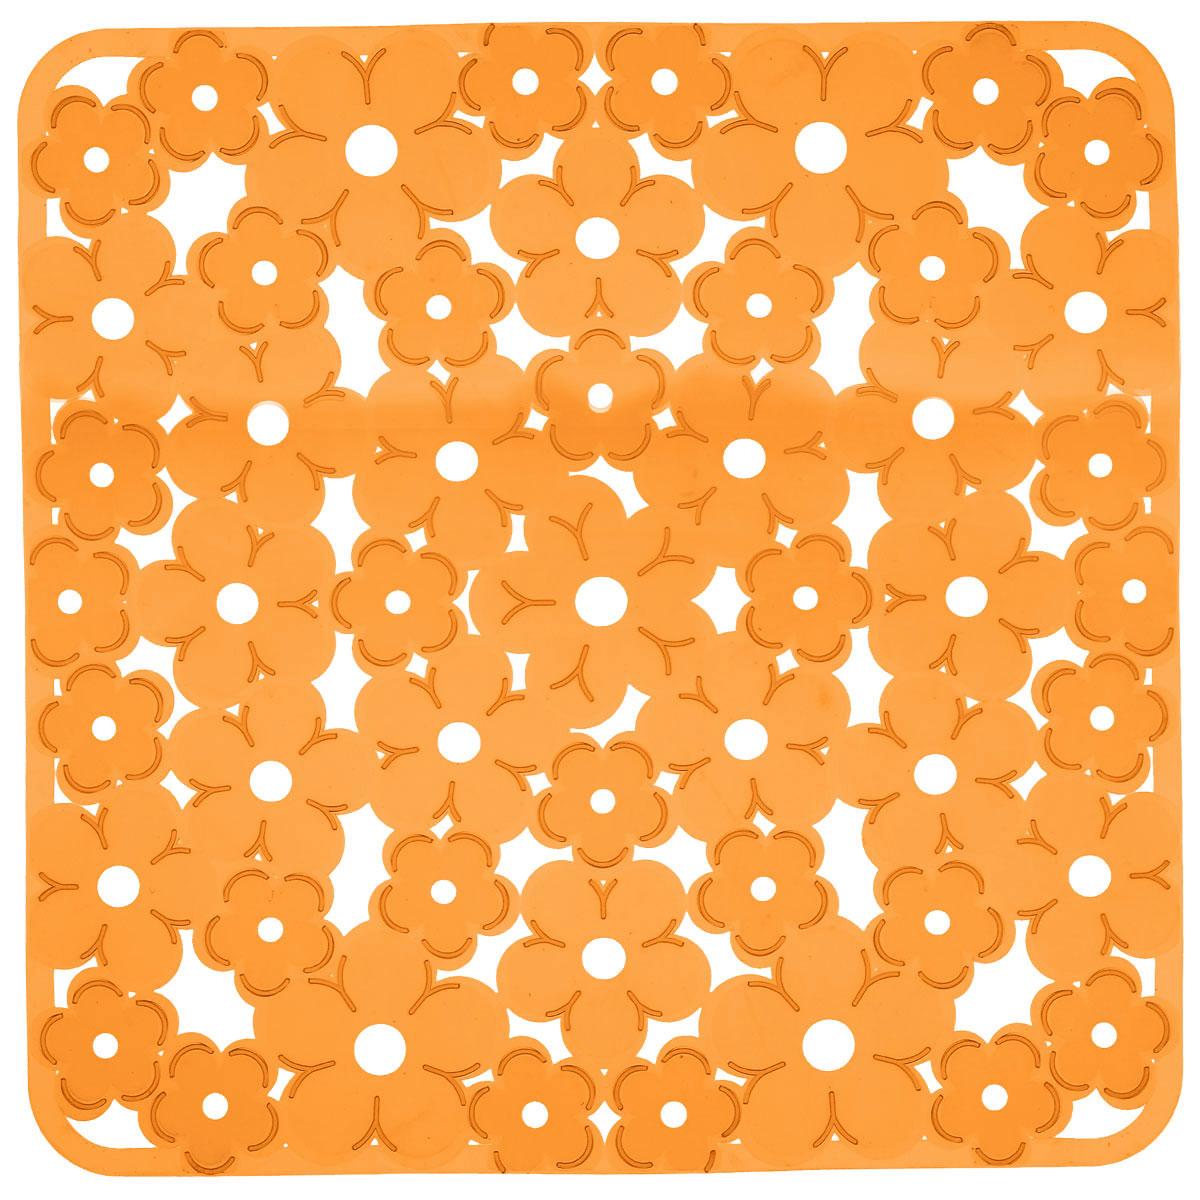 Коврик для раковины Metaltex, цвет: оранжевый, 32 х 32 см28.75.38Коврик для раковины Metaltex изготовлен из ПВХ с цветочным рисунком. Коврик имеет квадратную форму, поэтому прекрасно подойдет для любых раковин. Такой коврик защитит вашу посуду во время мытья, а также предотвратит засор труб, задерживая остатки пищи. Товар сертифицирован.